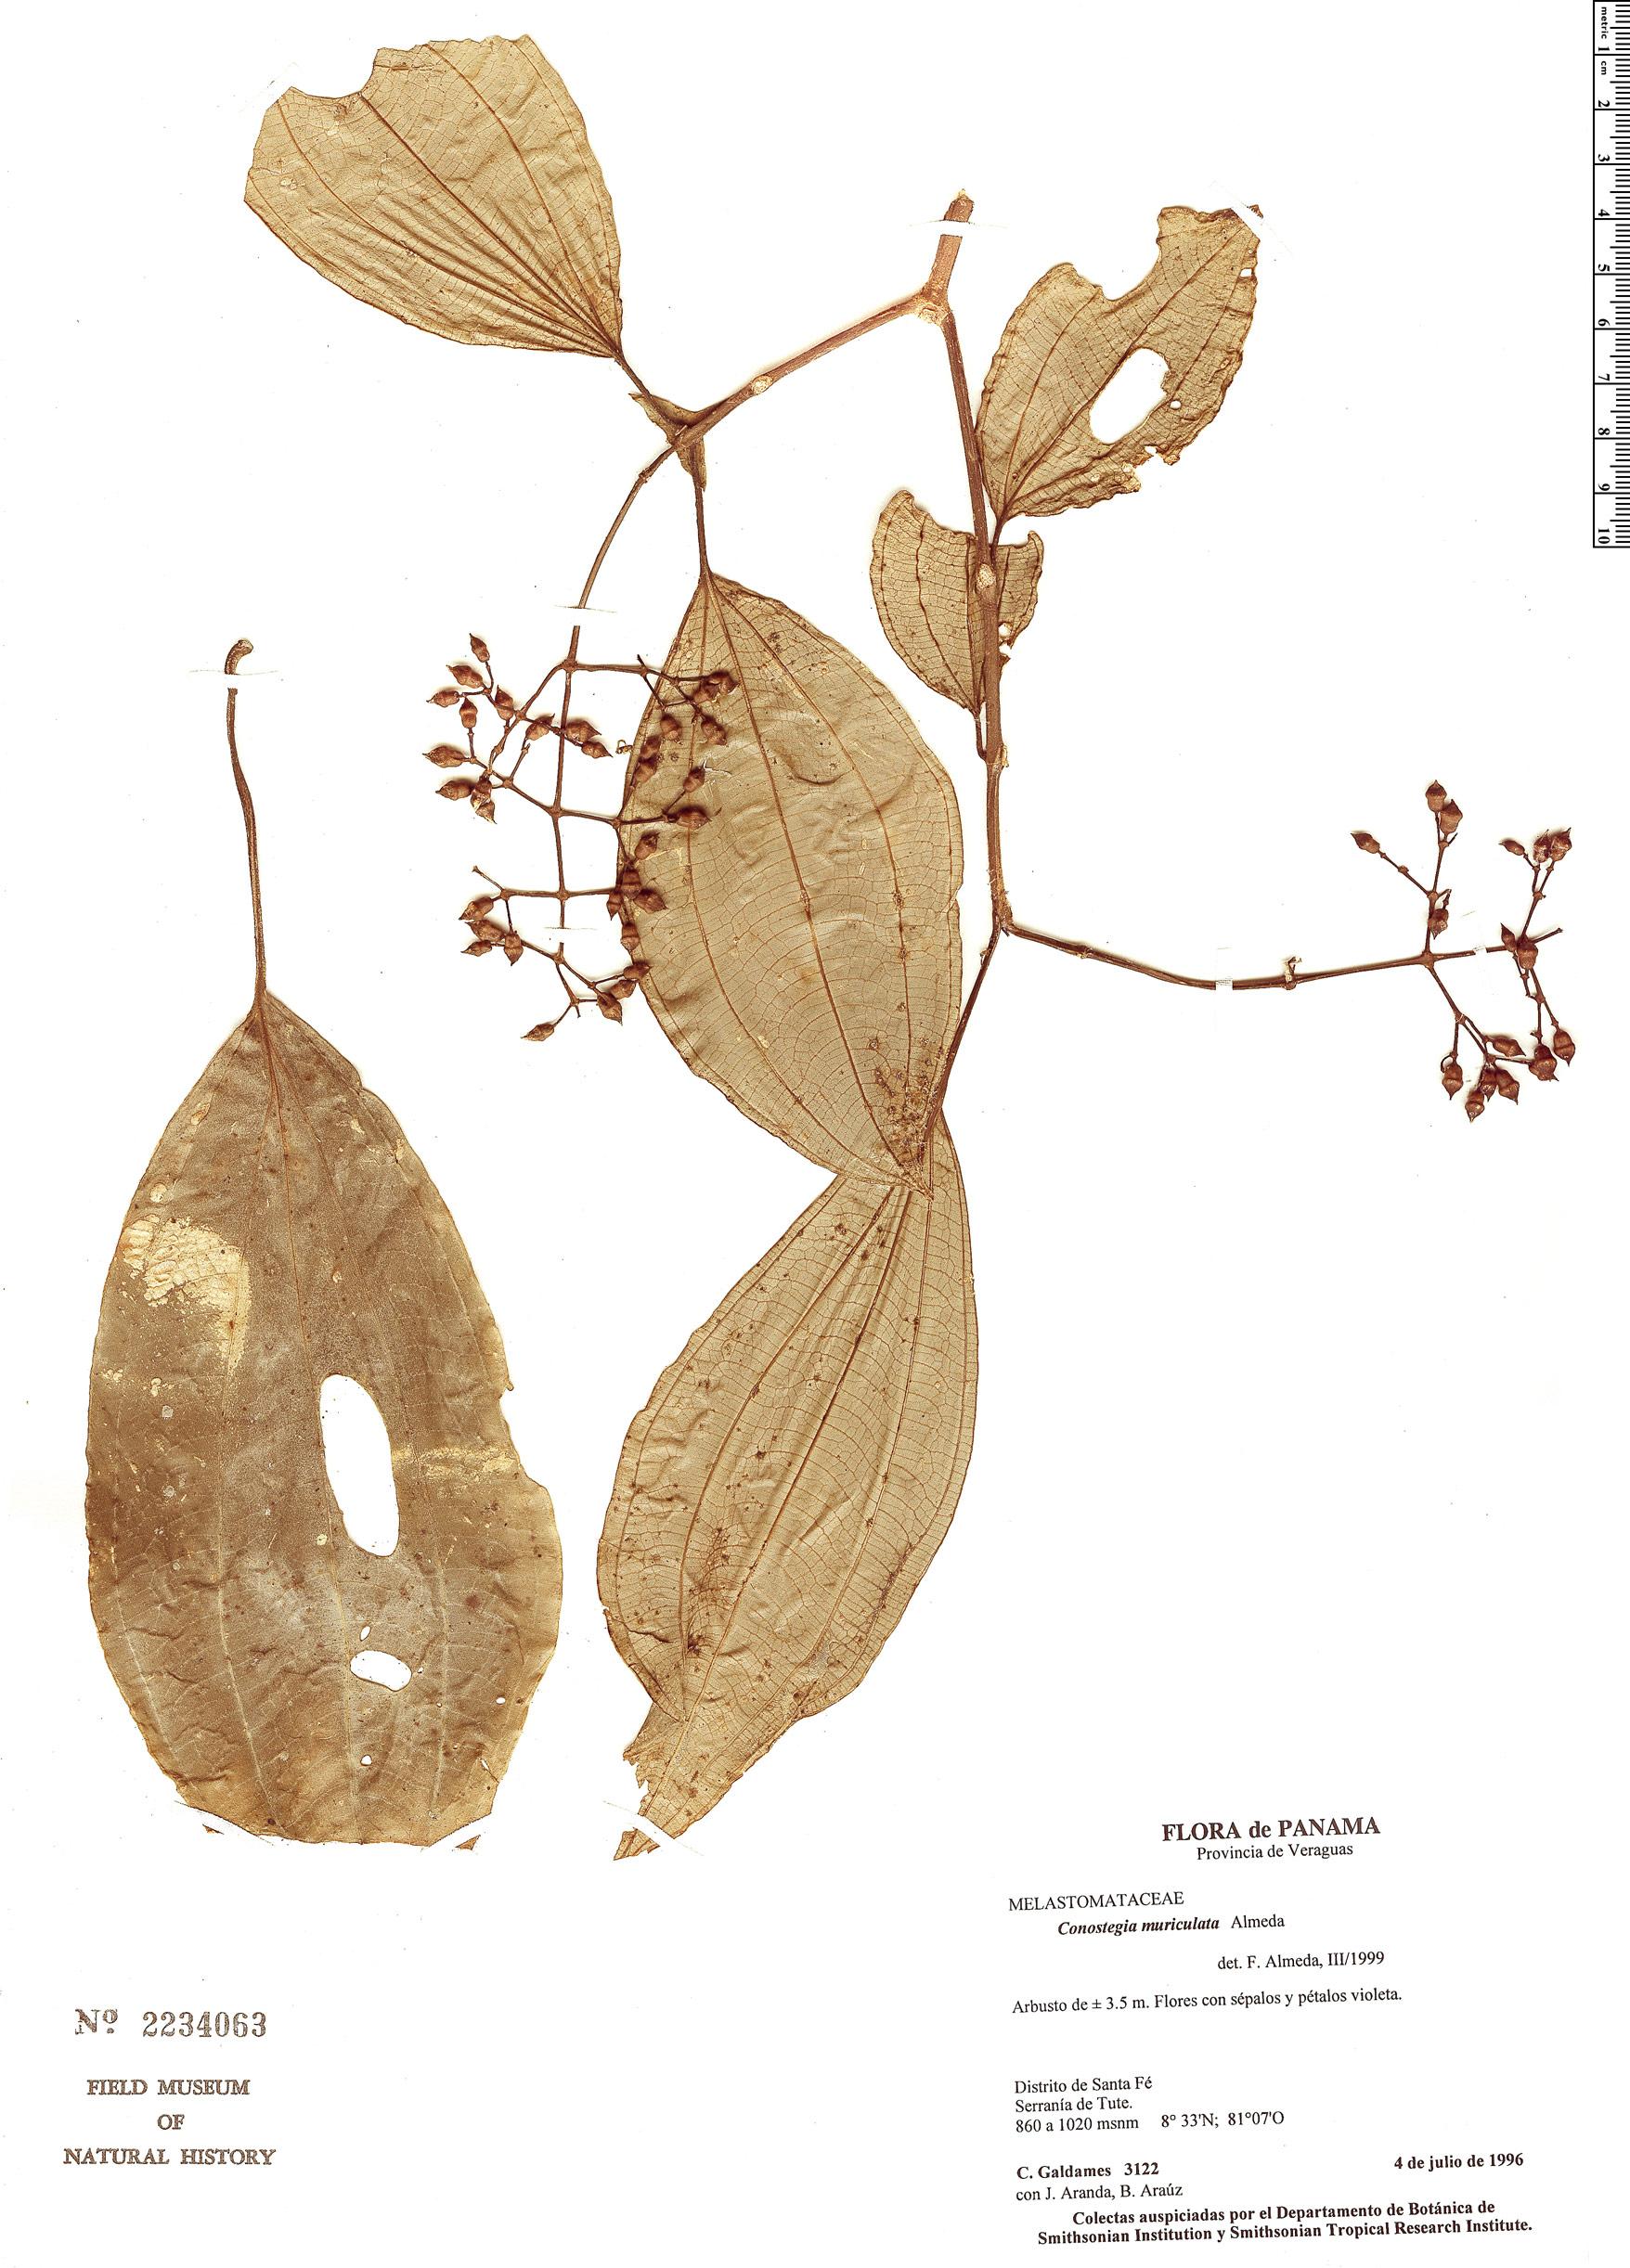 Specimen: Conostegia muriculata